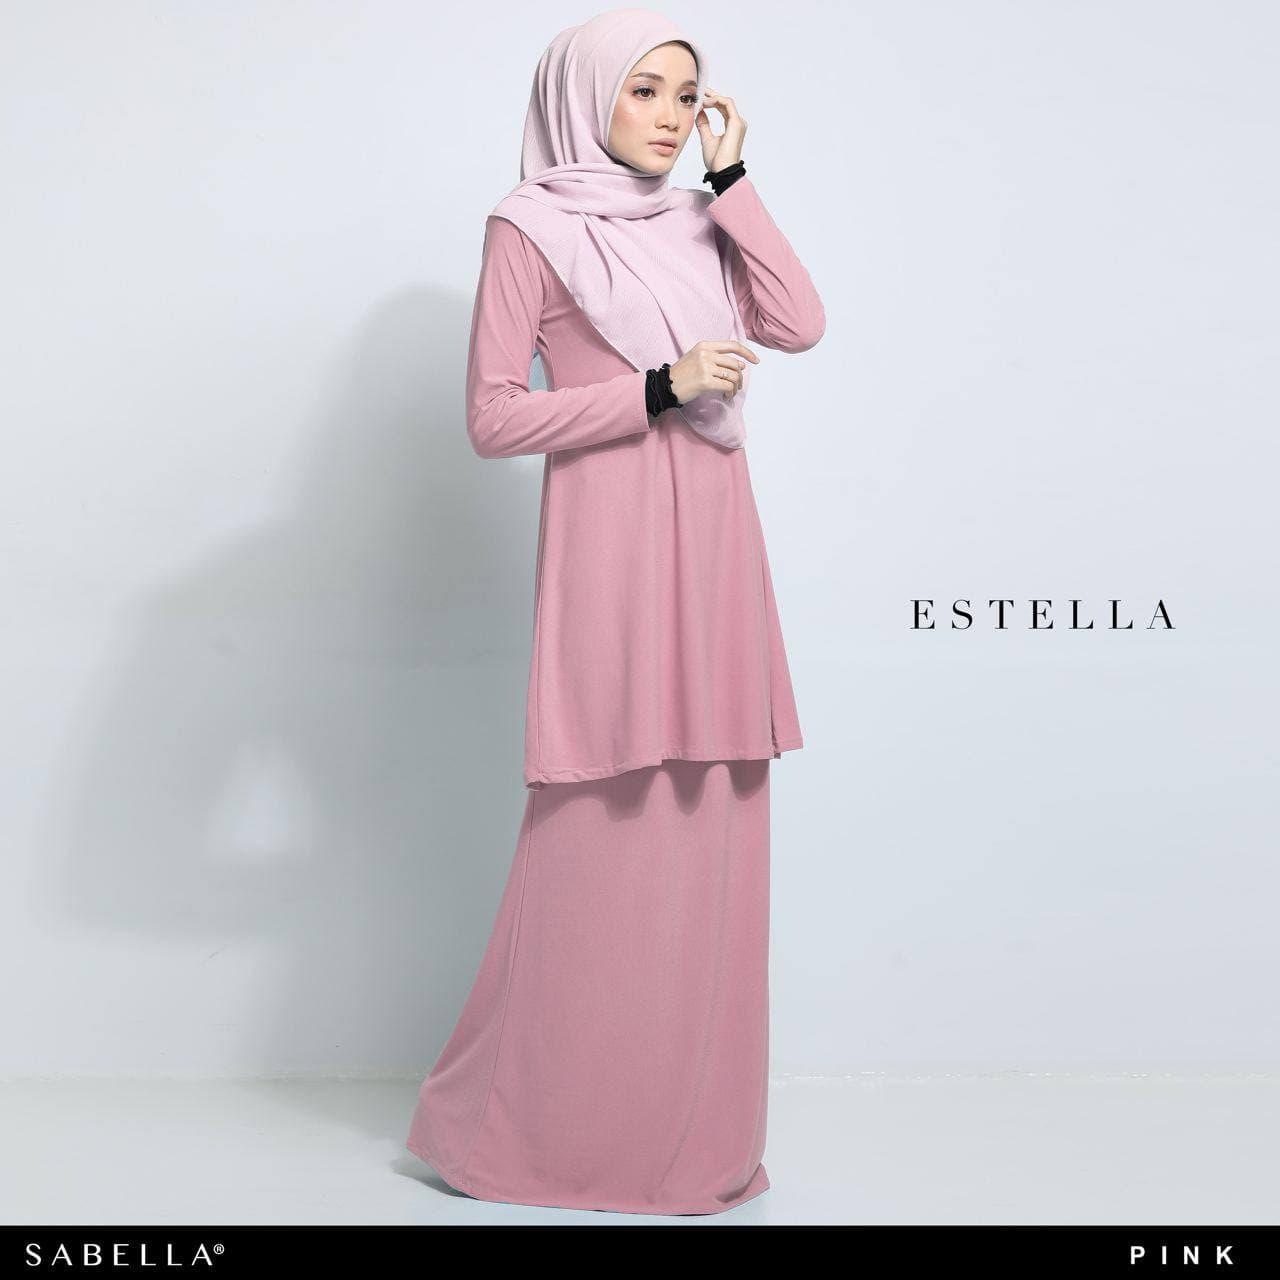 Estella 2.0 Pink (R)